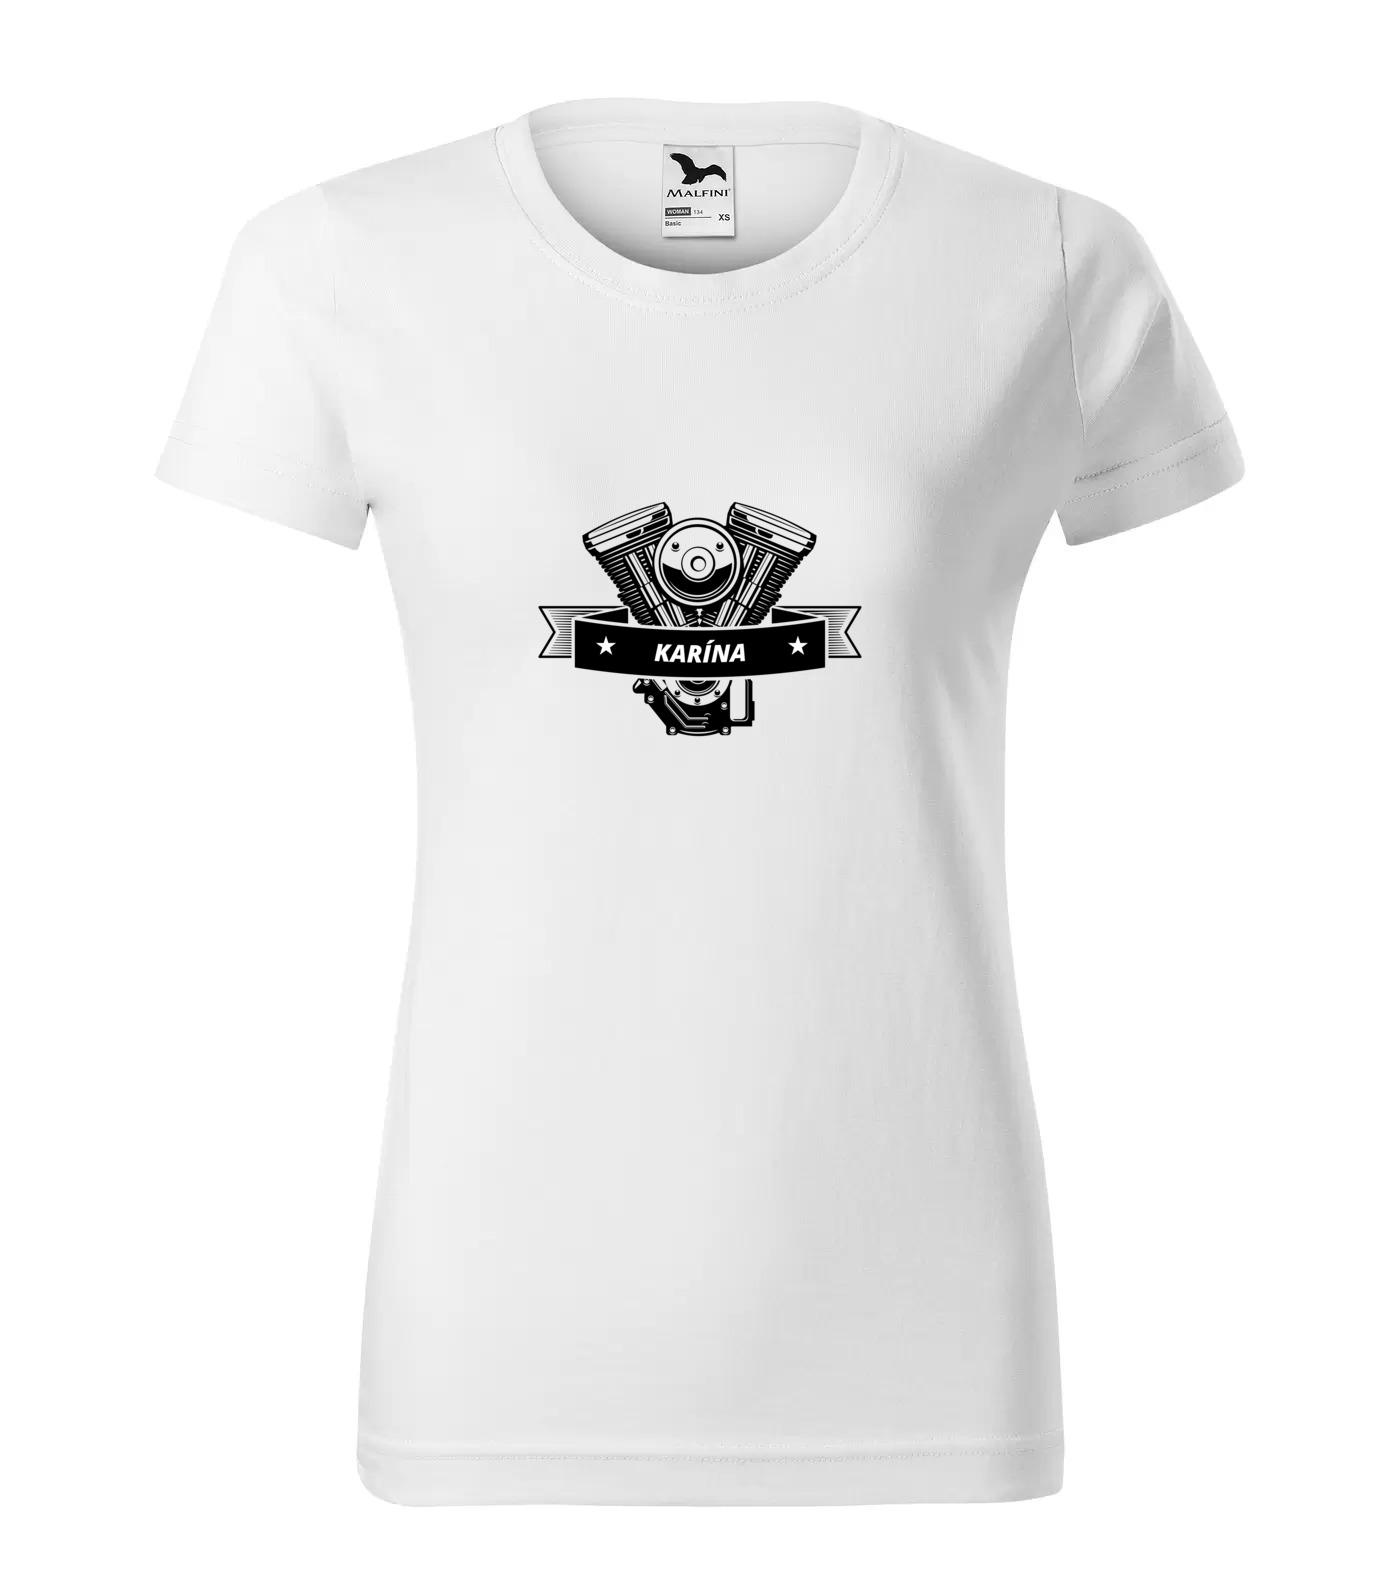 Tričko Motorkářka Karína